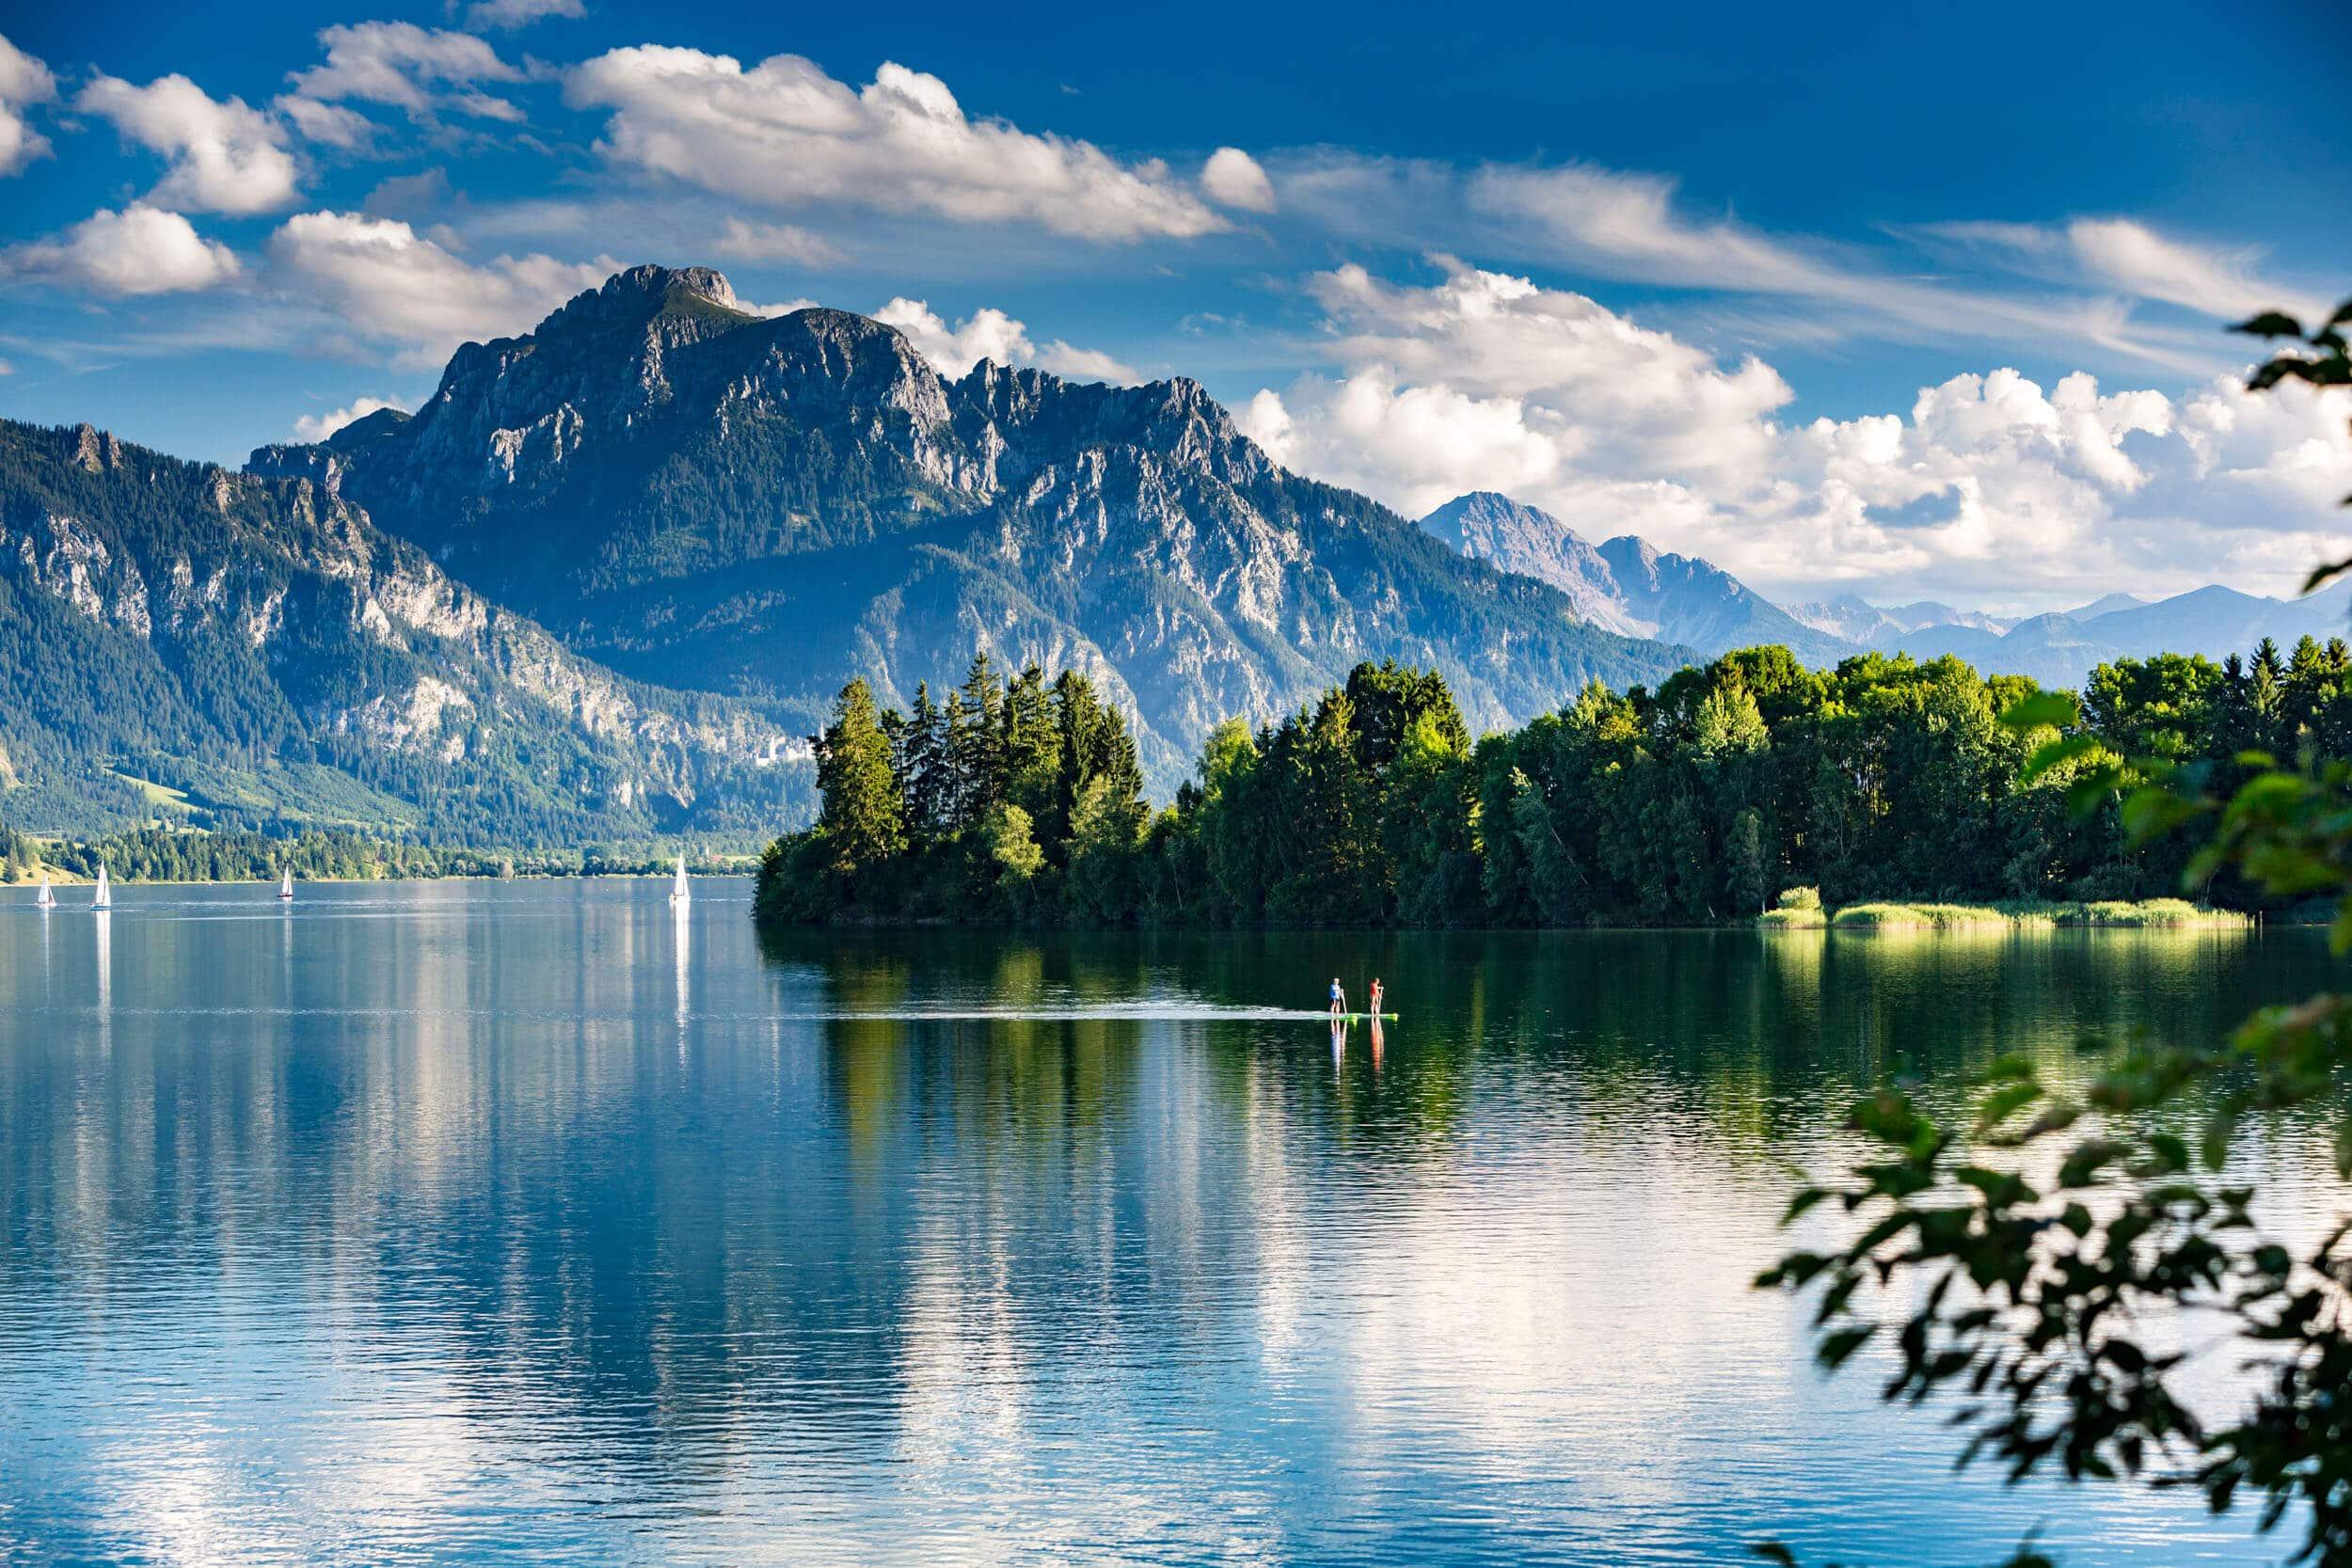 Forggensee - Allgäu © Shutterstock - moreimages